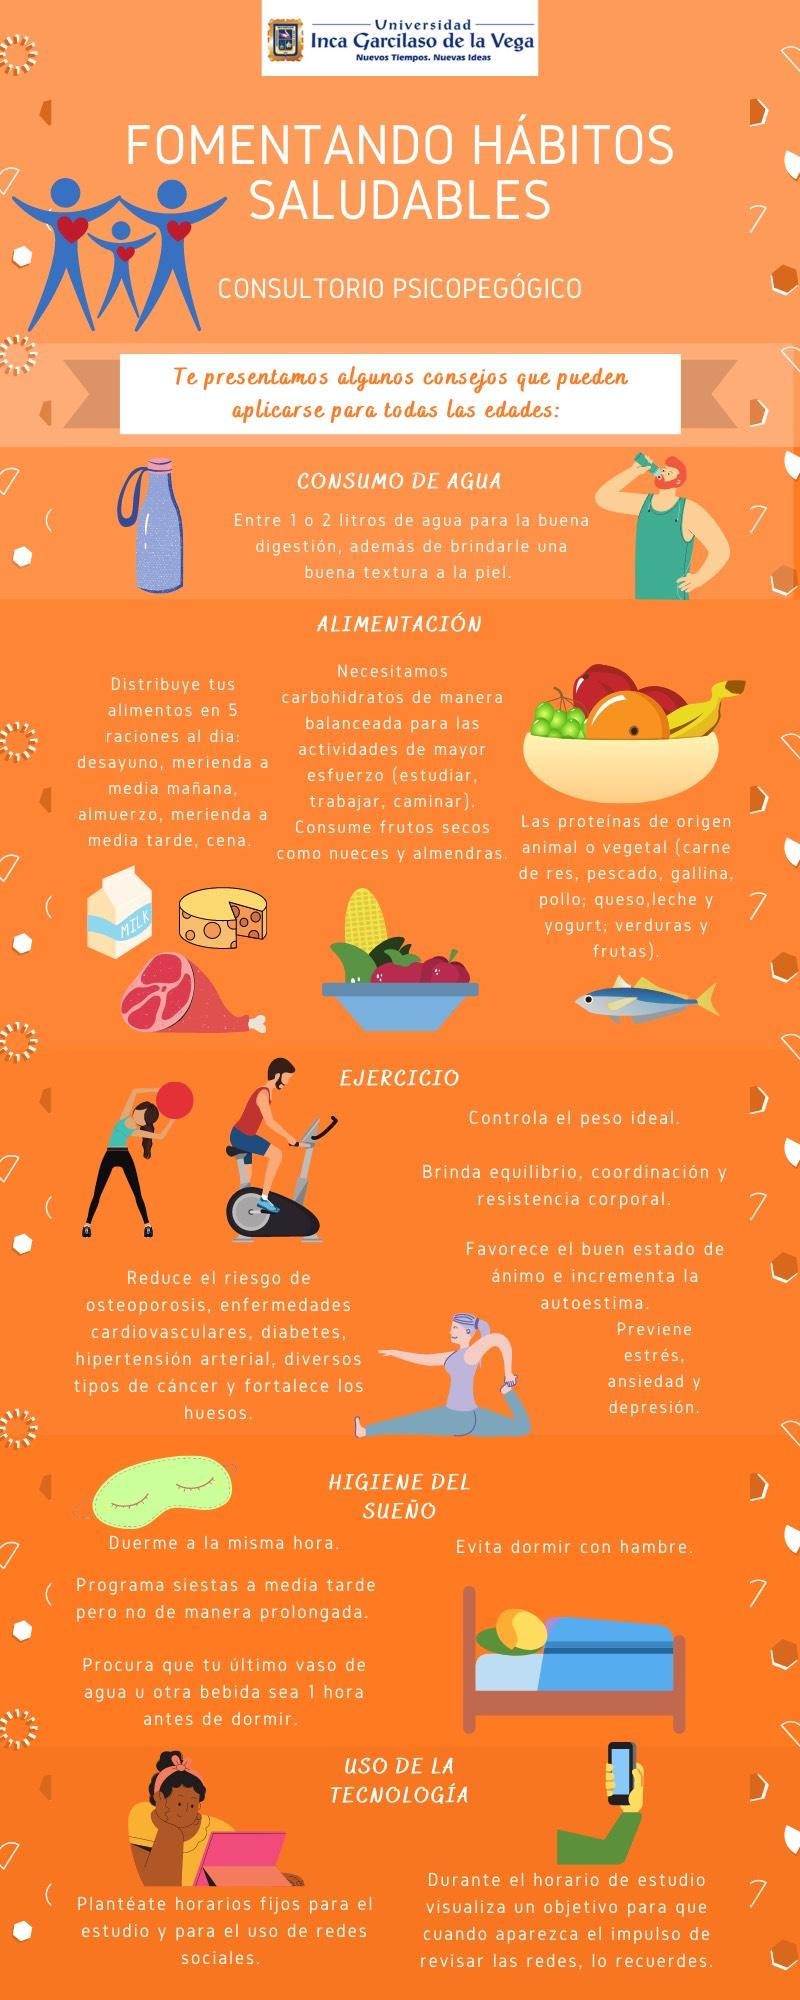 Fomentando Hábitos de vida saludable